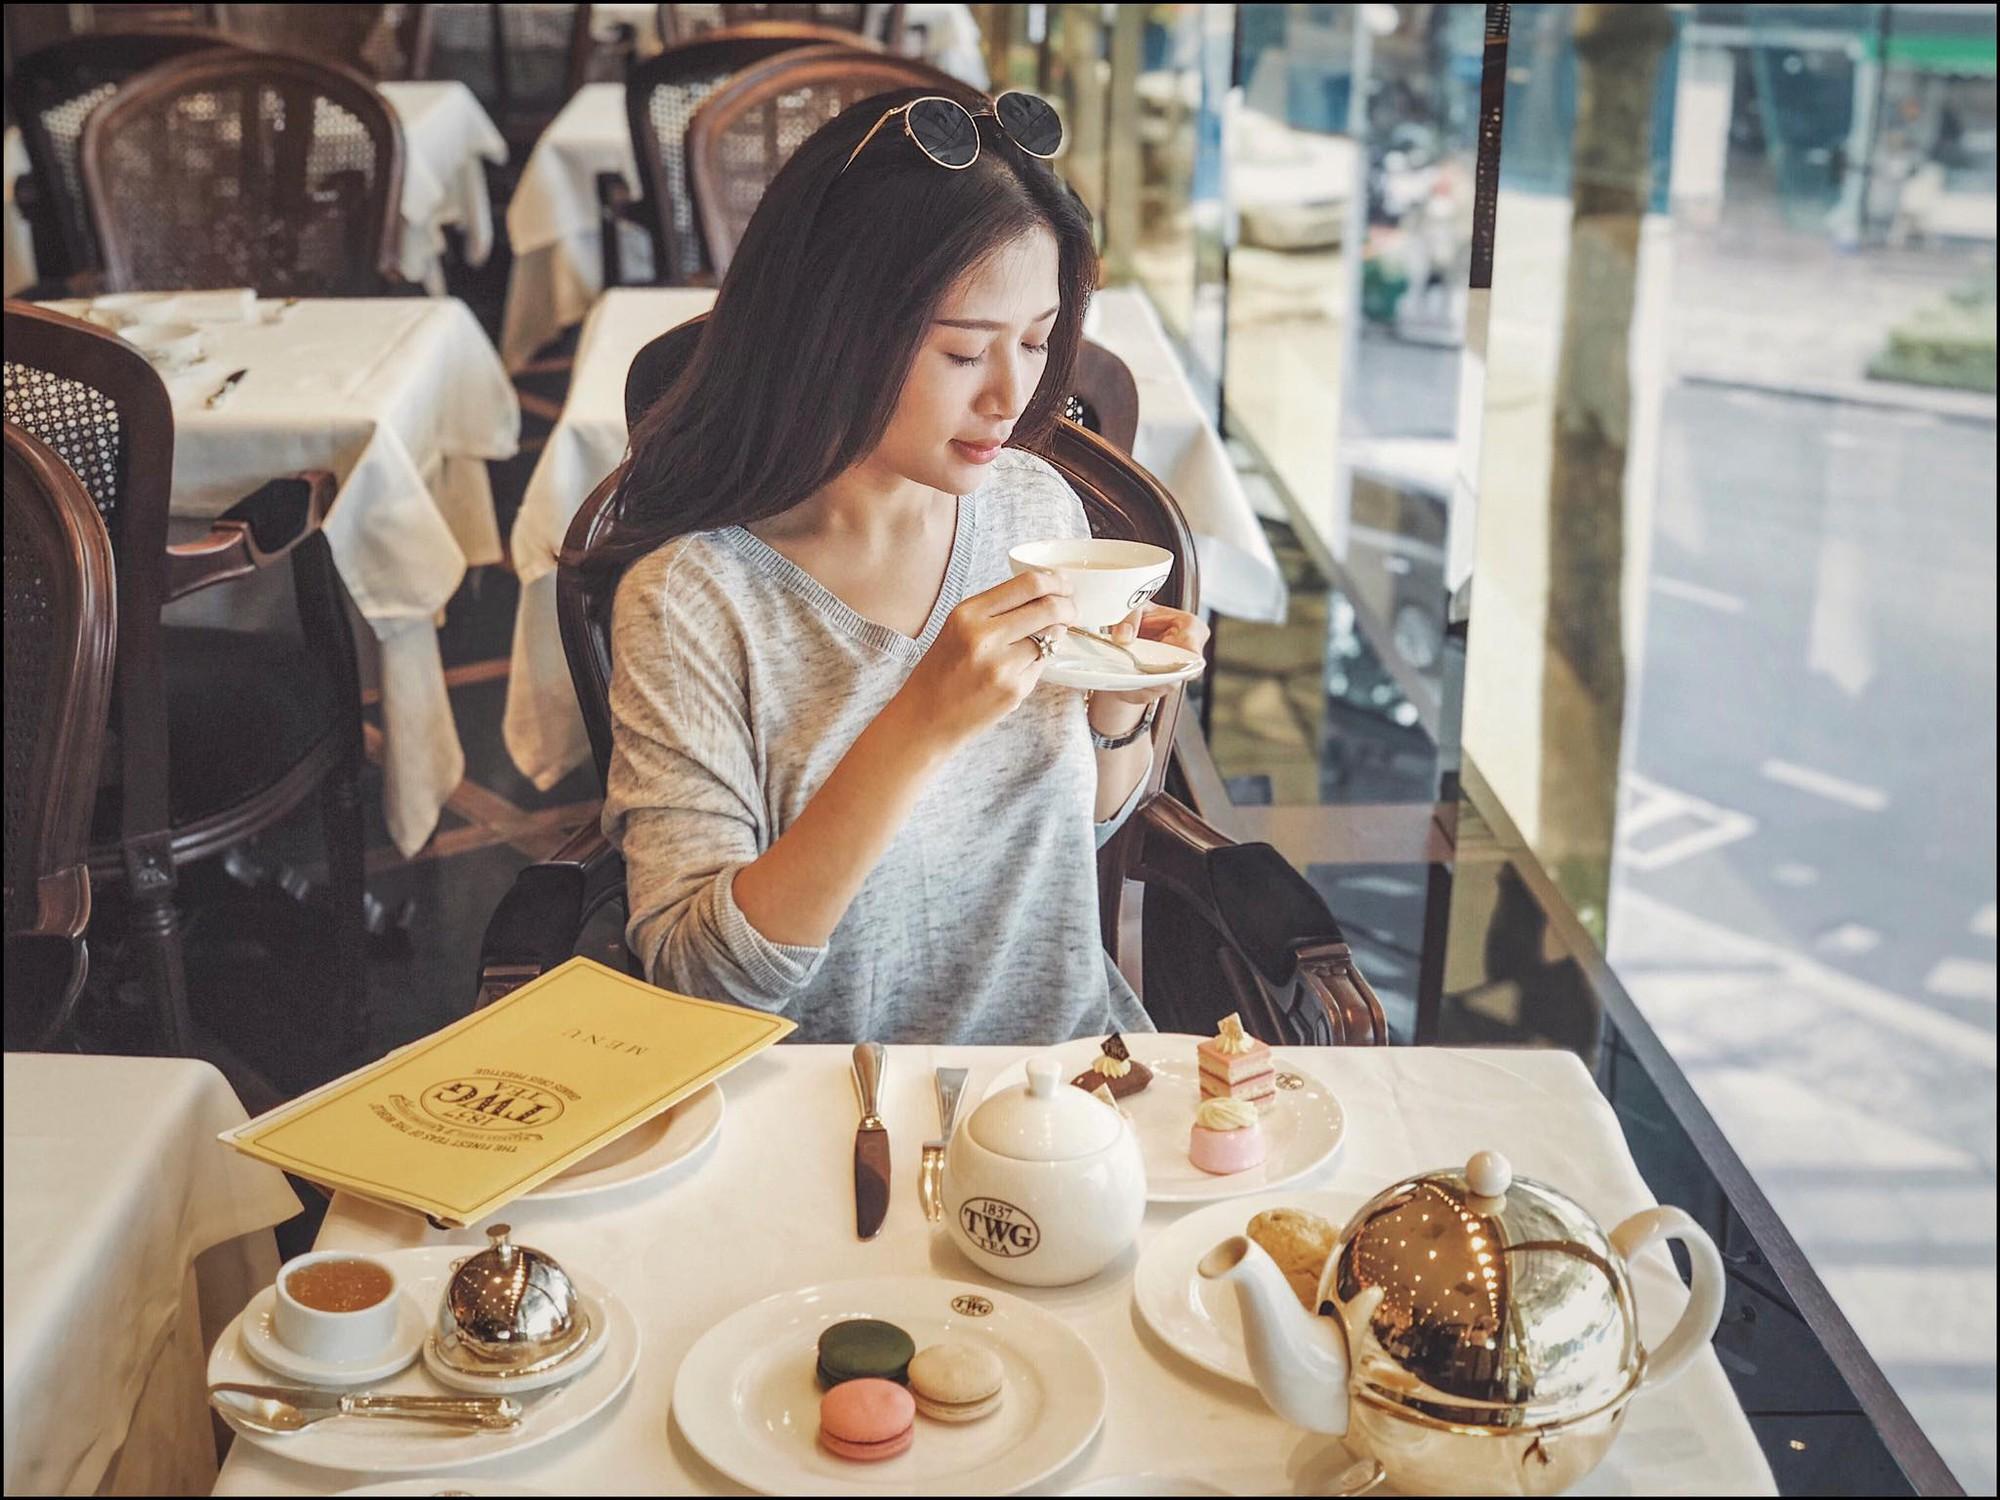 Nàng Hoa hậu người Việt tại Mỹ chia sẻ bí quyết dù con bé tí hin vẫn cùng chồng đi thiên đường tình yêu Maldives lãng mạn - Ảnh 5.